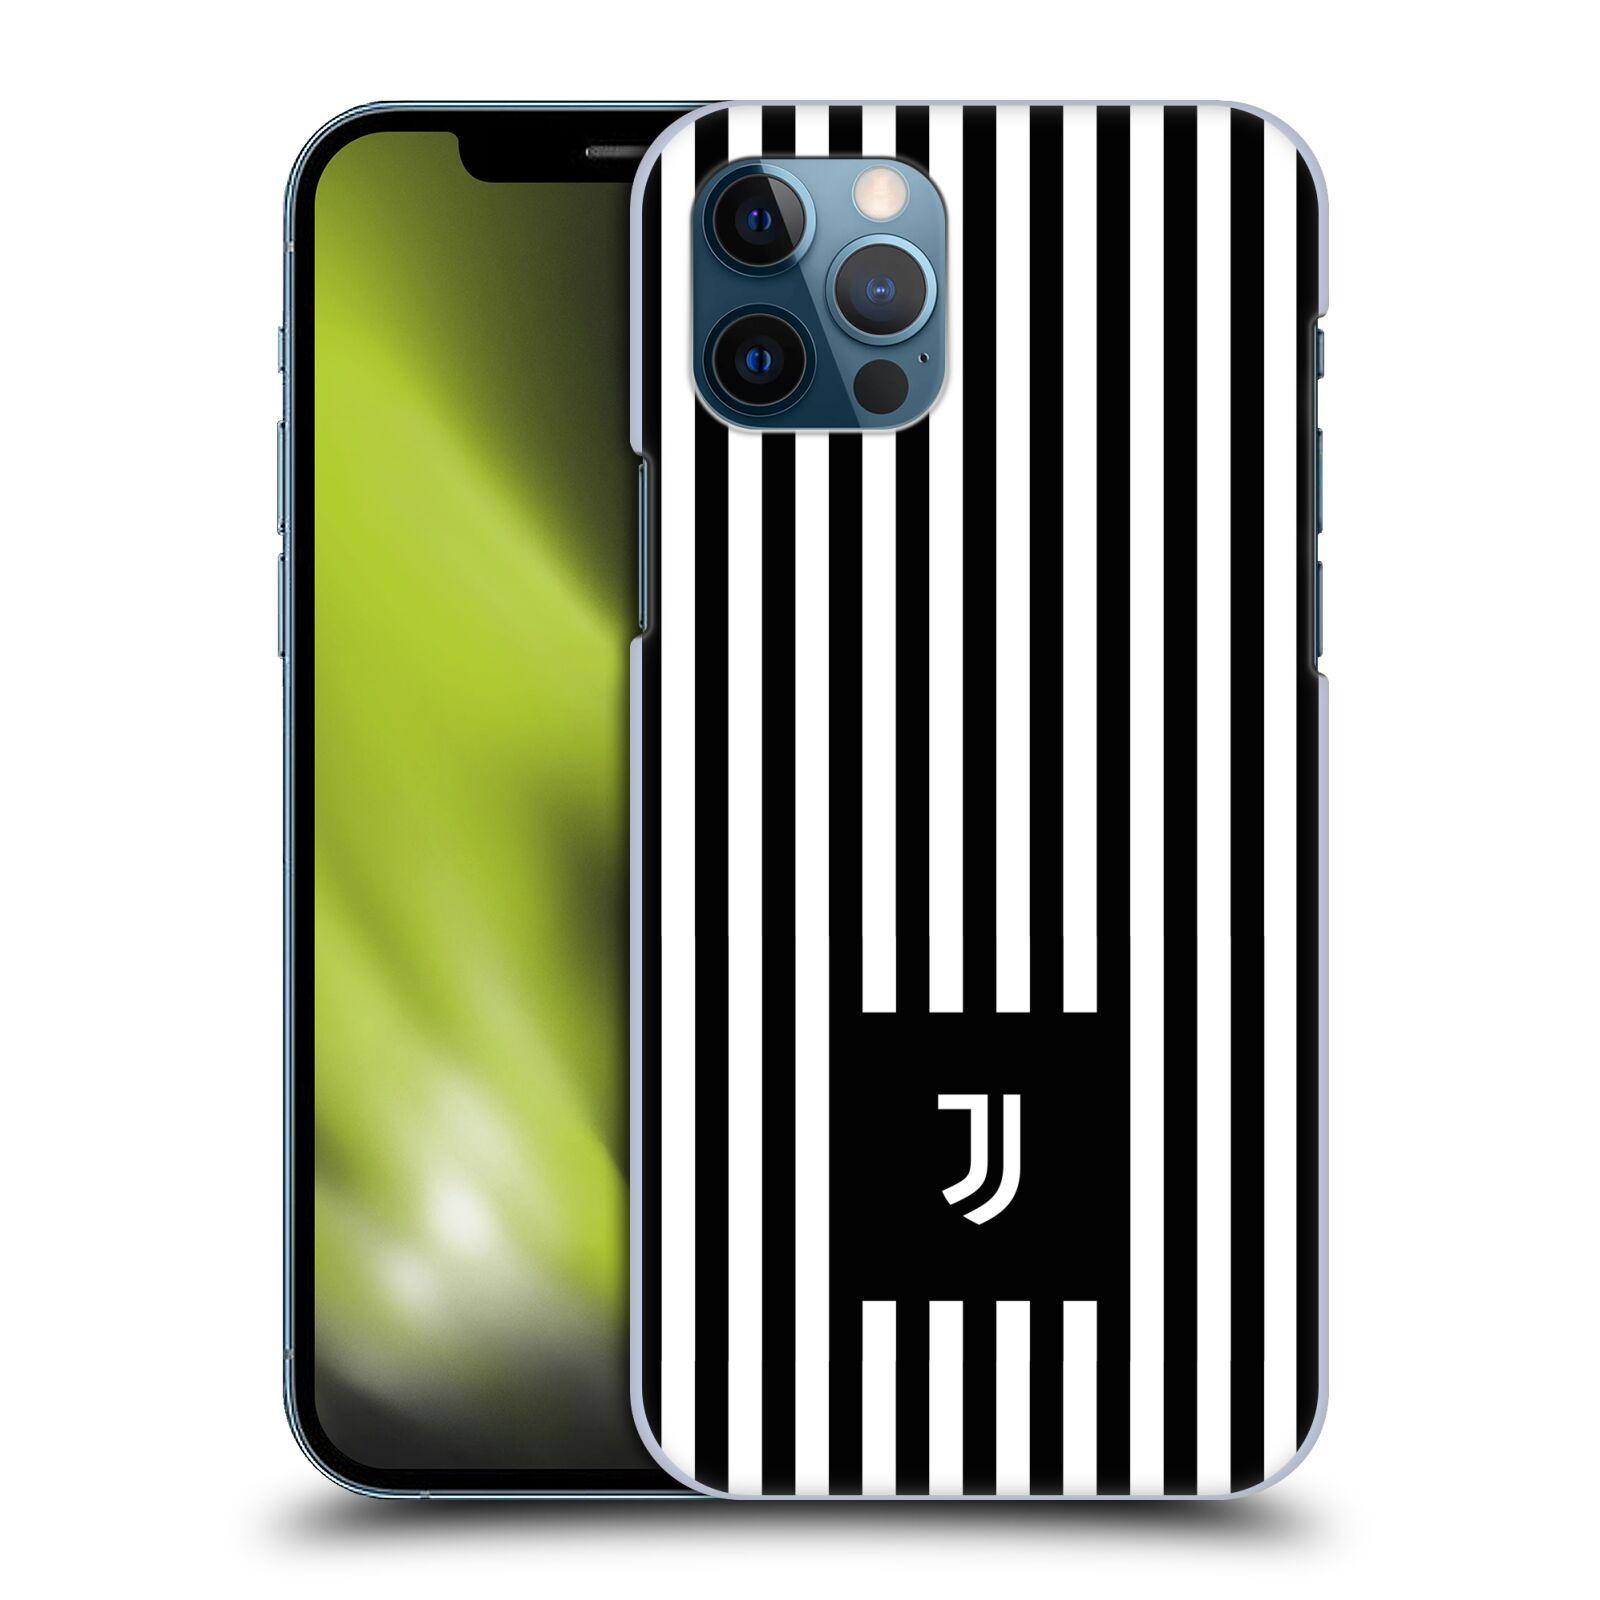 Plastové pouzdro na mobil Apple iPhone 12 / 12 Pro - Head Case - Juventus FC - Nové logo - Pruhy